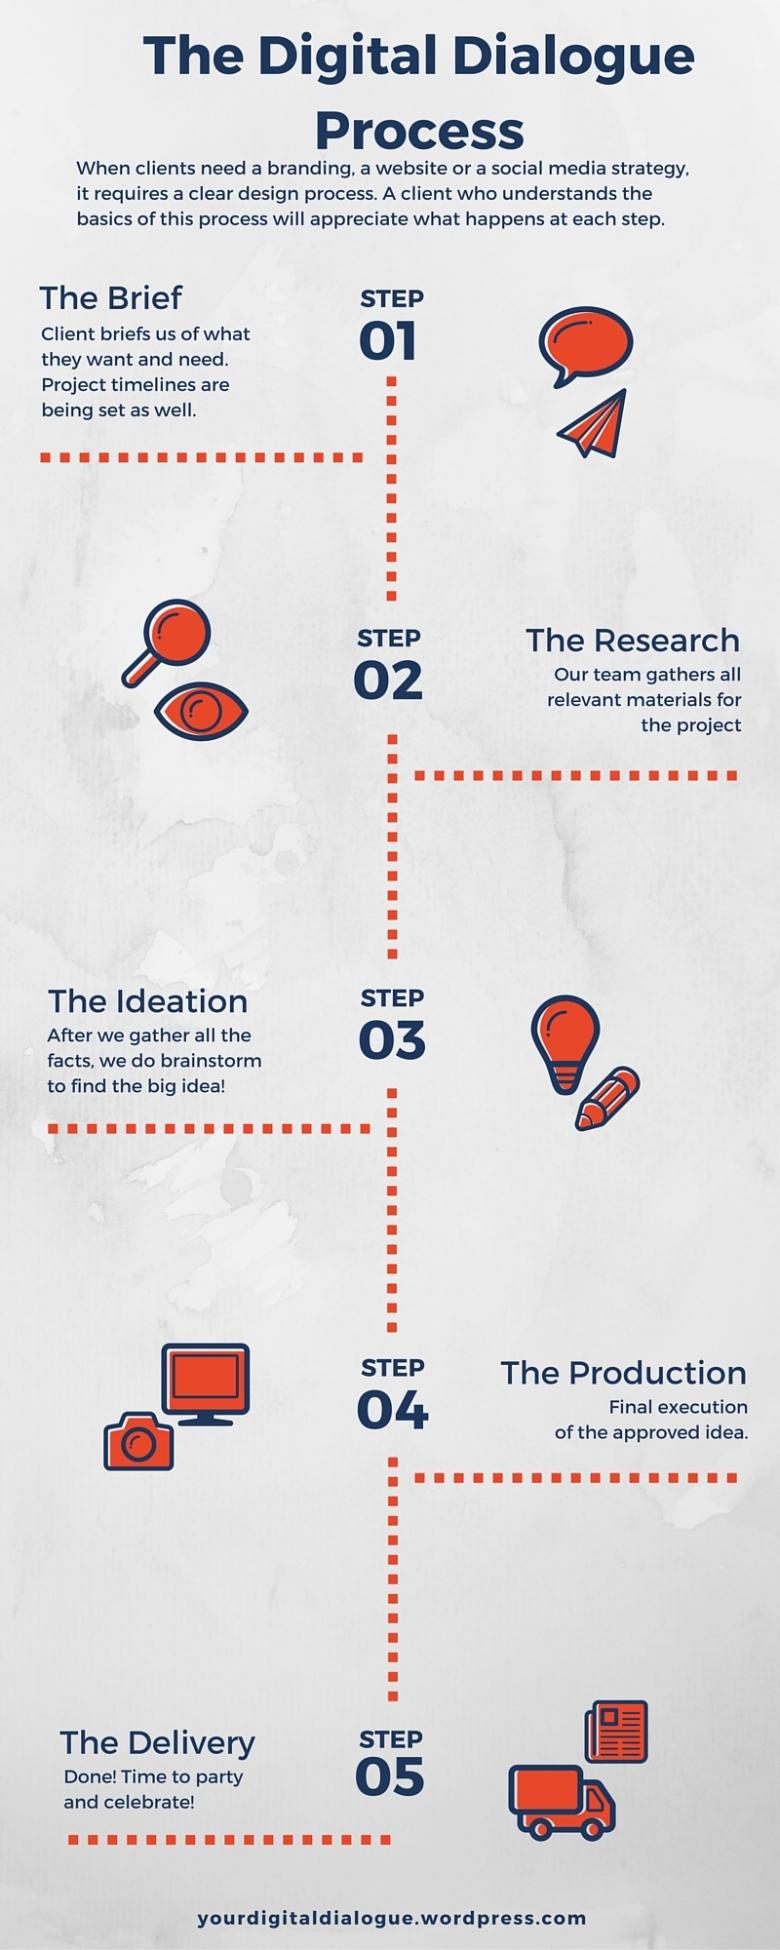 The Digital Dialogue Process